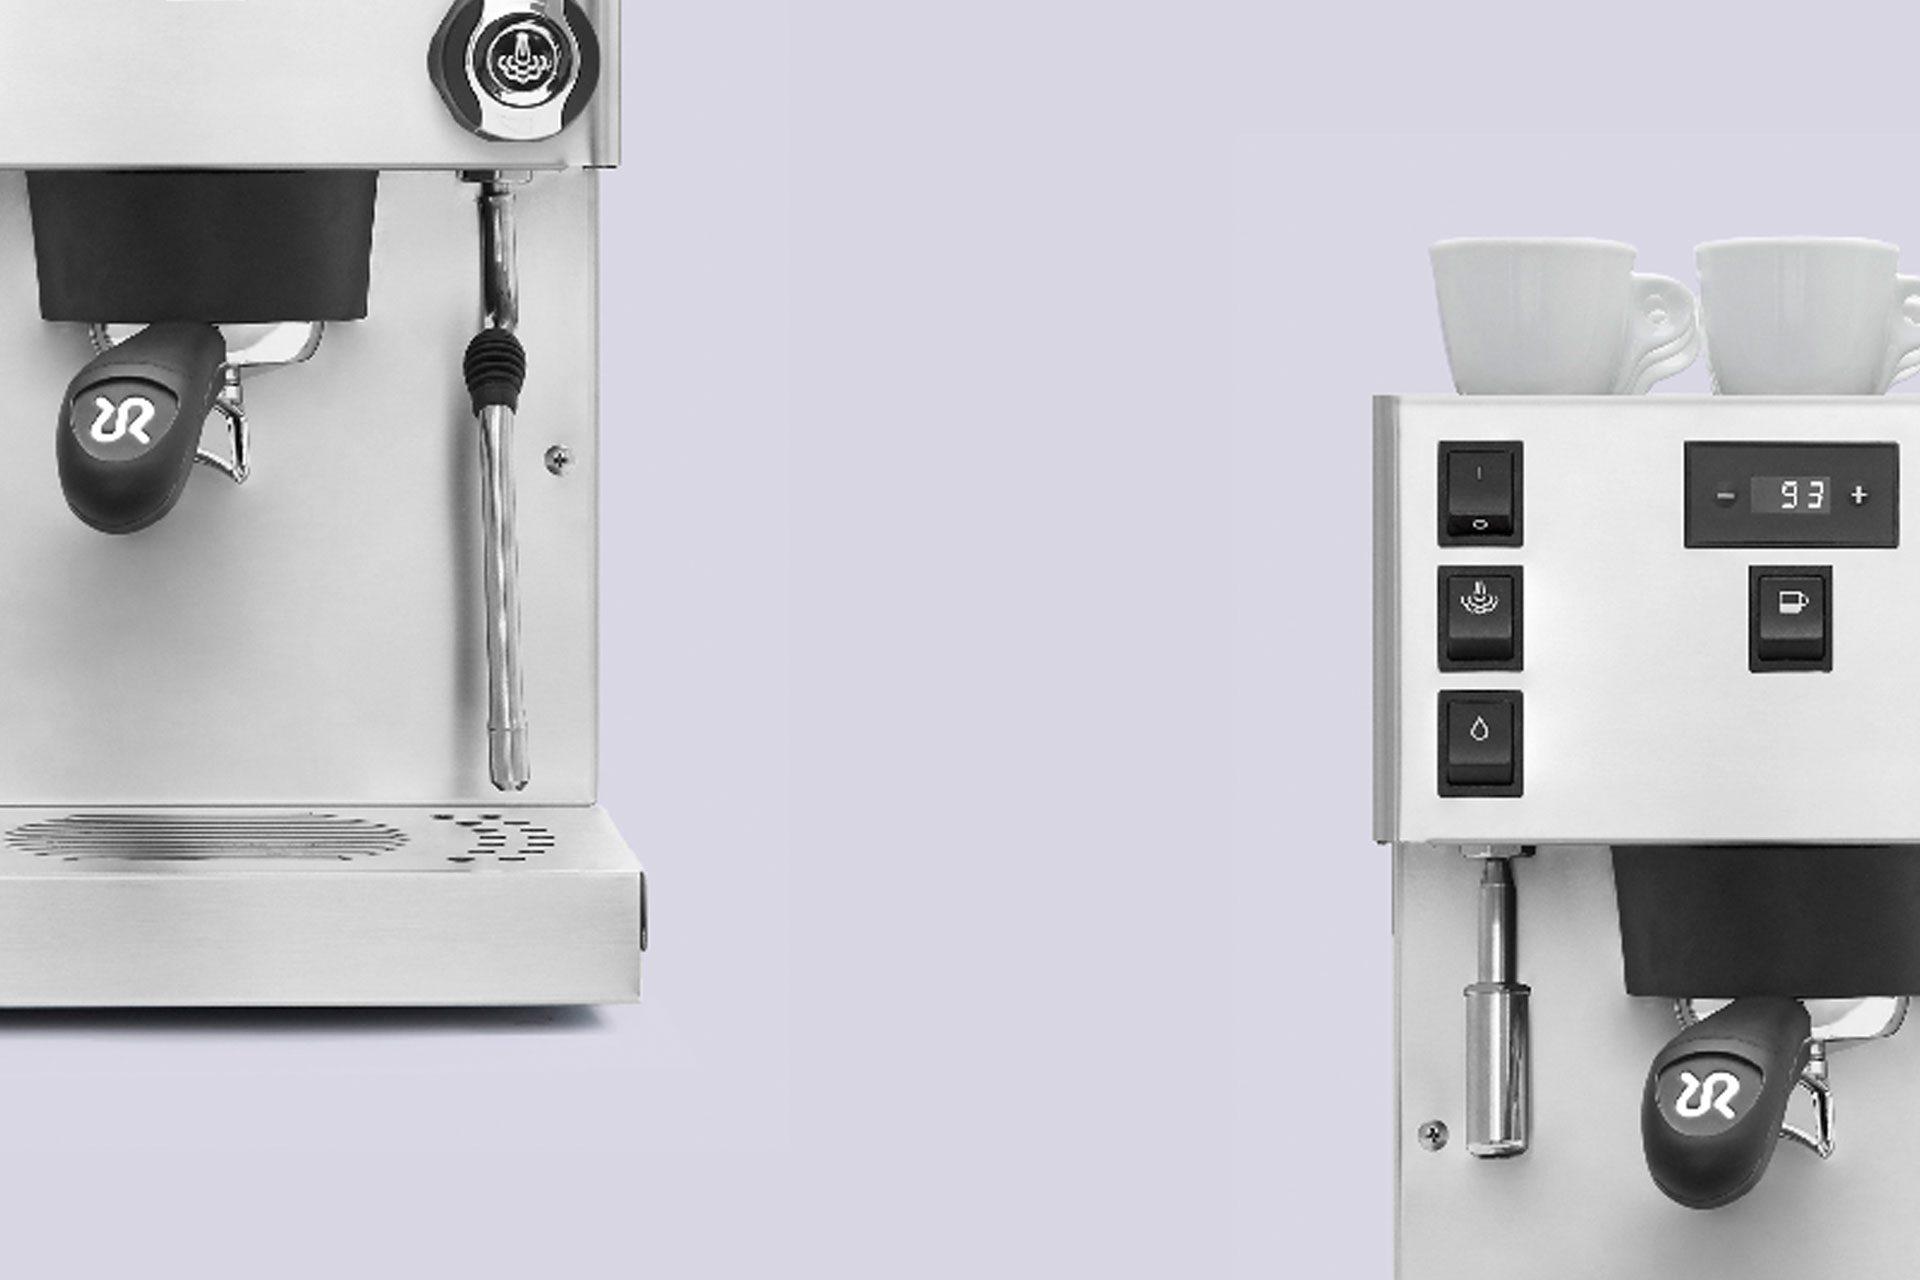 Professional electric ESPRESSO CAPPUCCINO COFFEE MAKER MACCHINA PER CASA UFFICIO UK